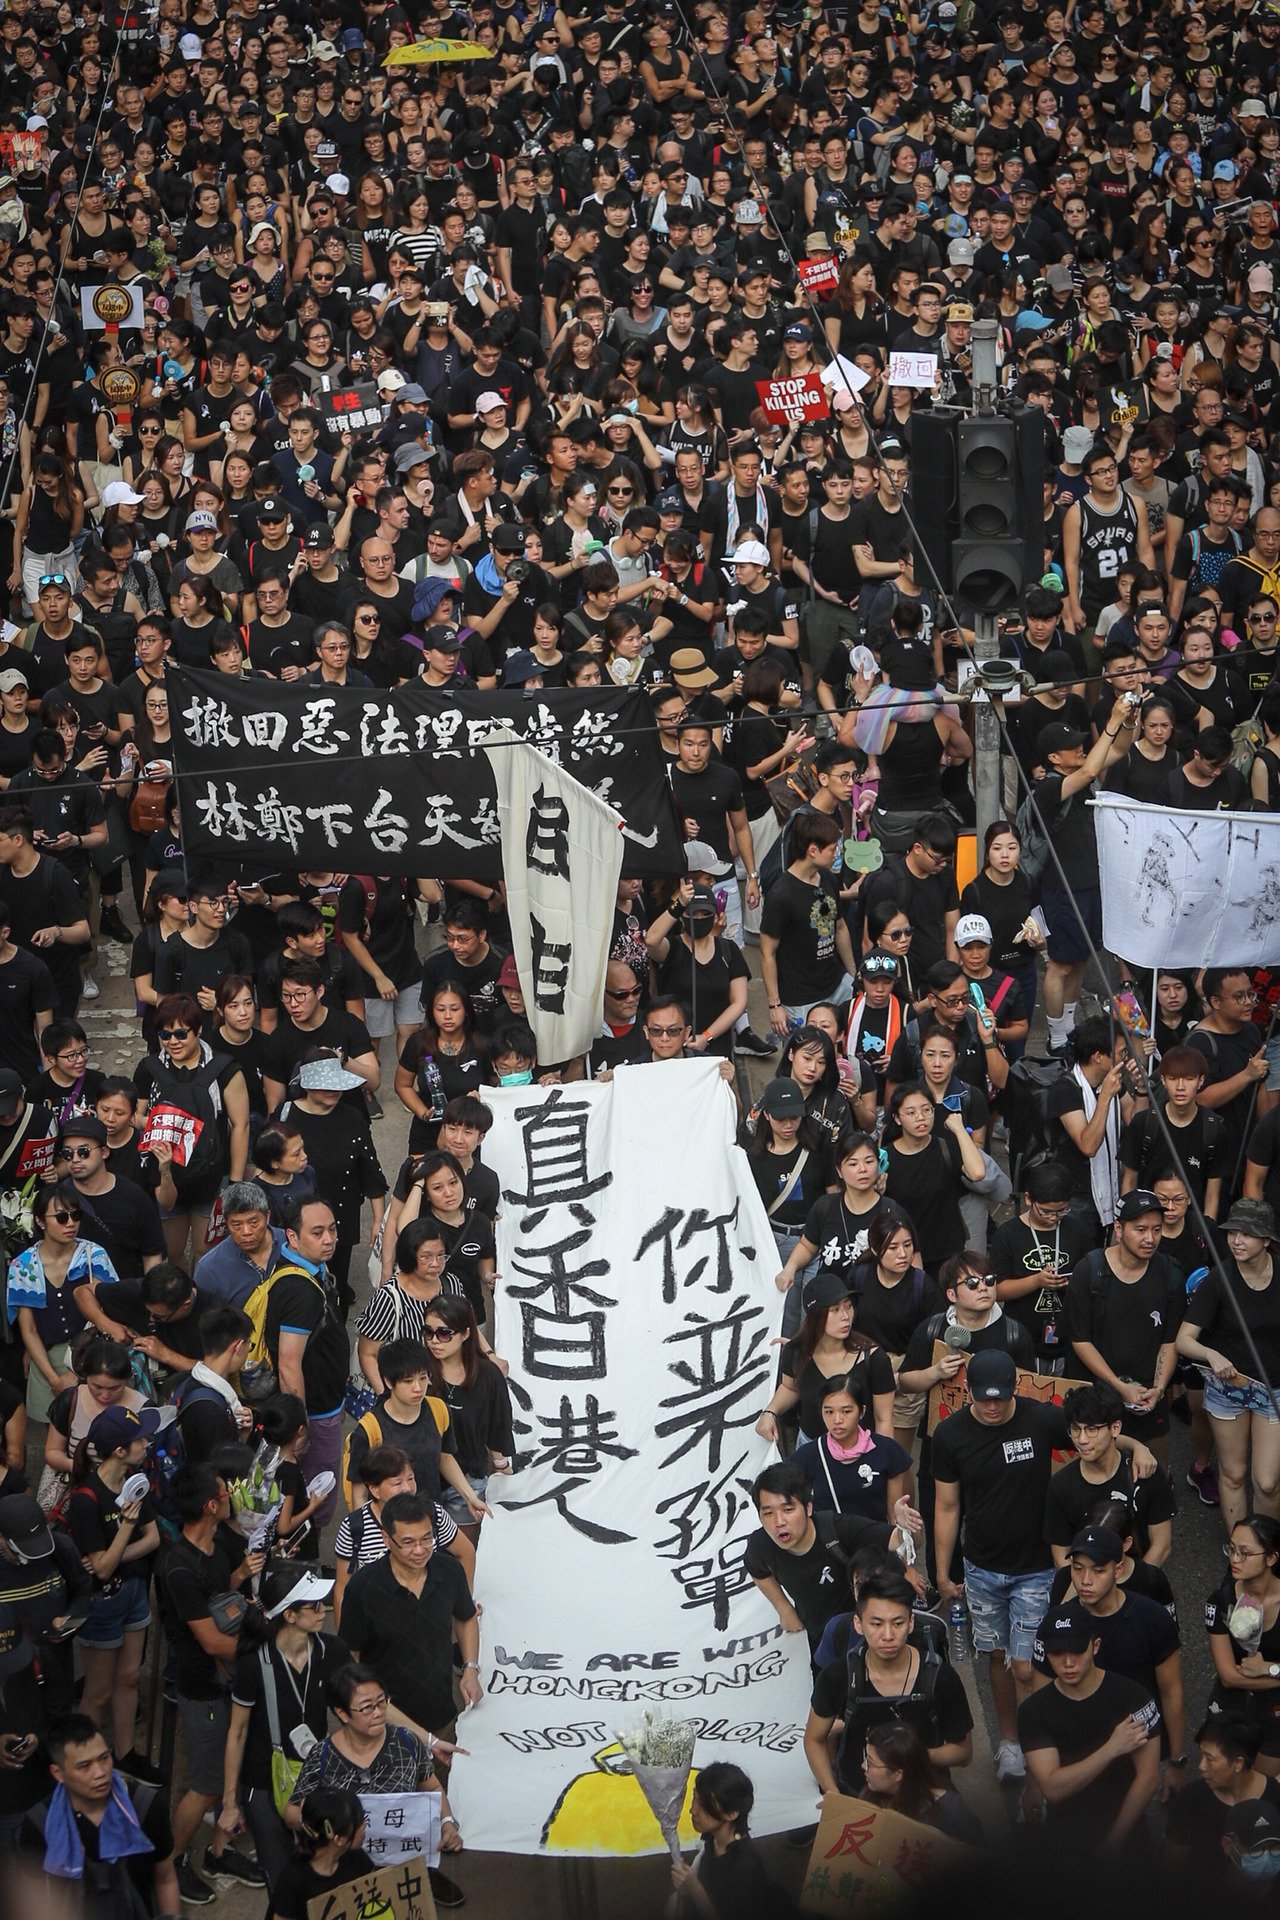 天寒驟雨,昨天香港中環的上班一族仍堅持午間「和你Lunch」示威。 中央社